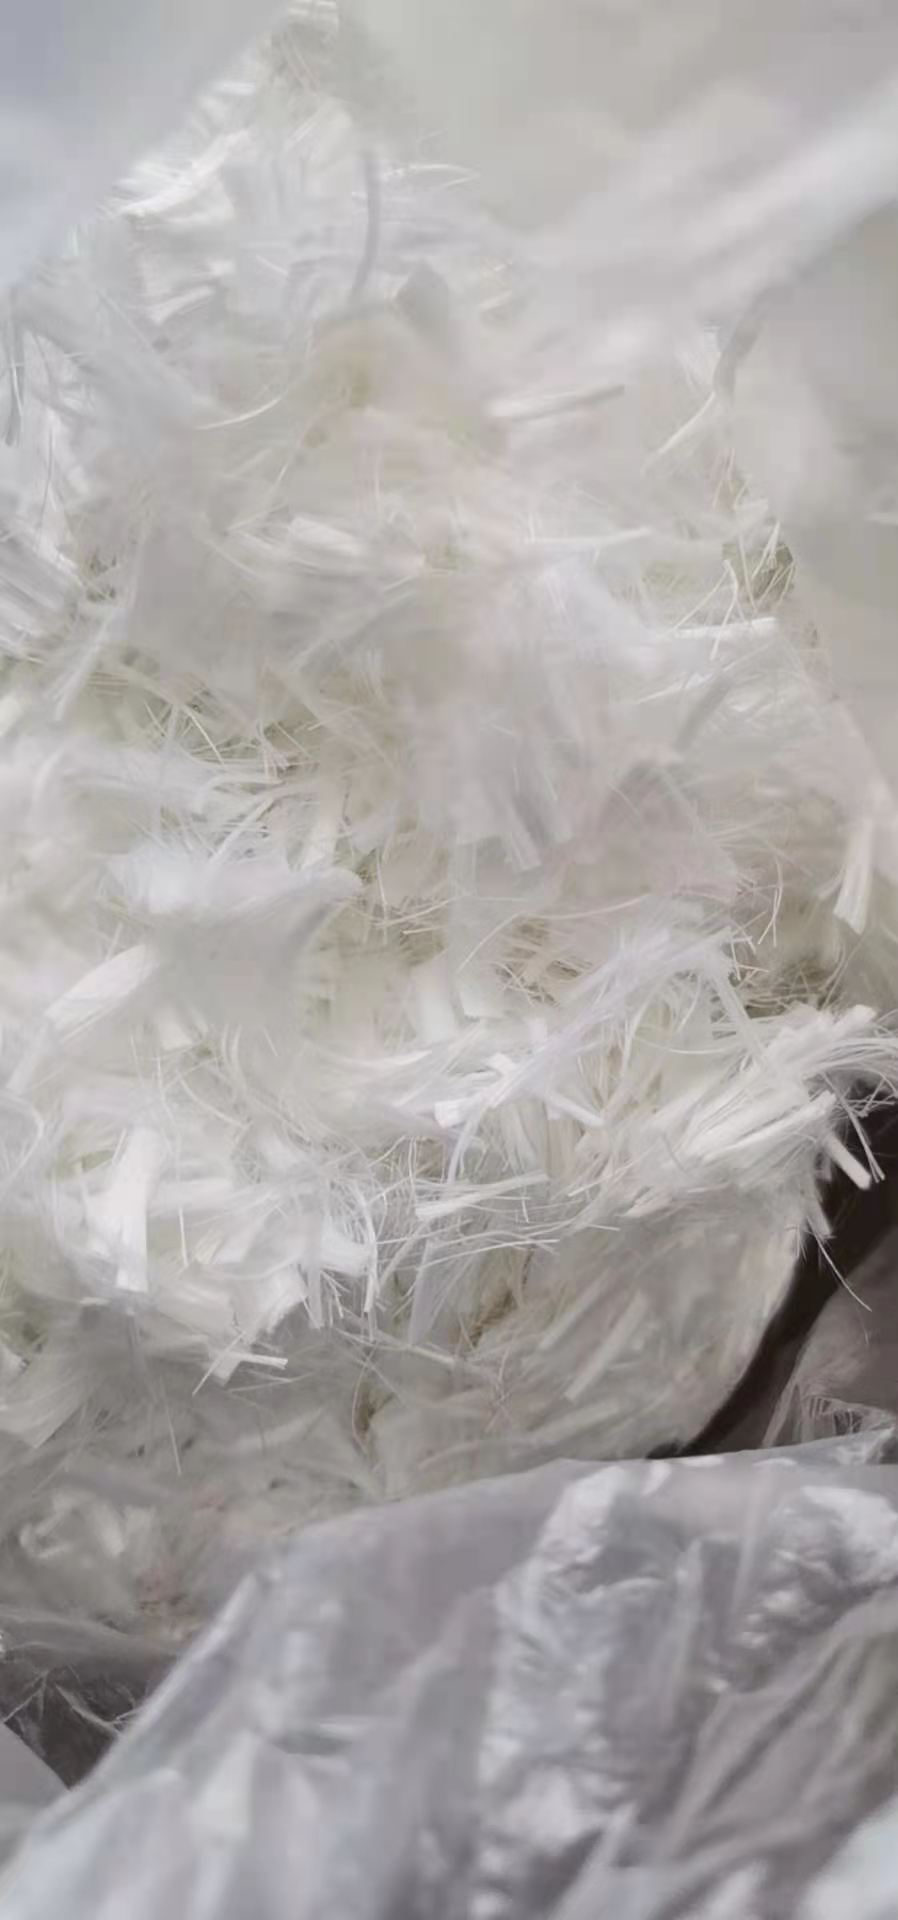 德宏聚乙烯醇纤维---德宏厂家